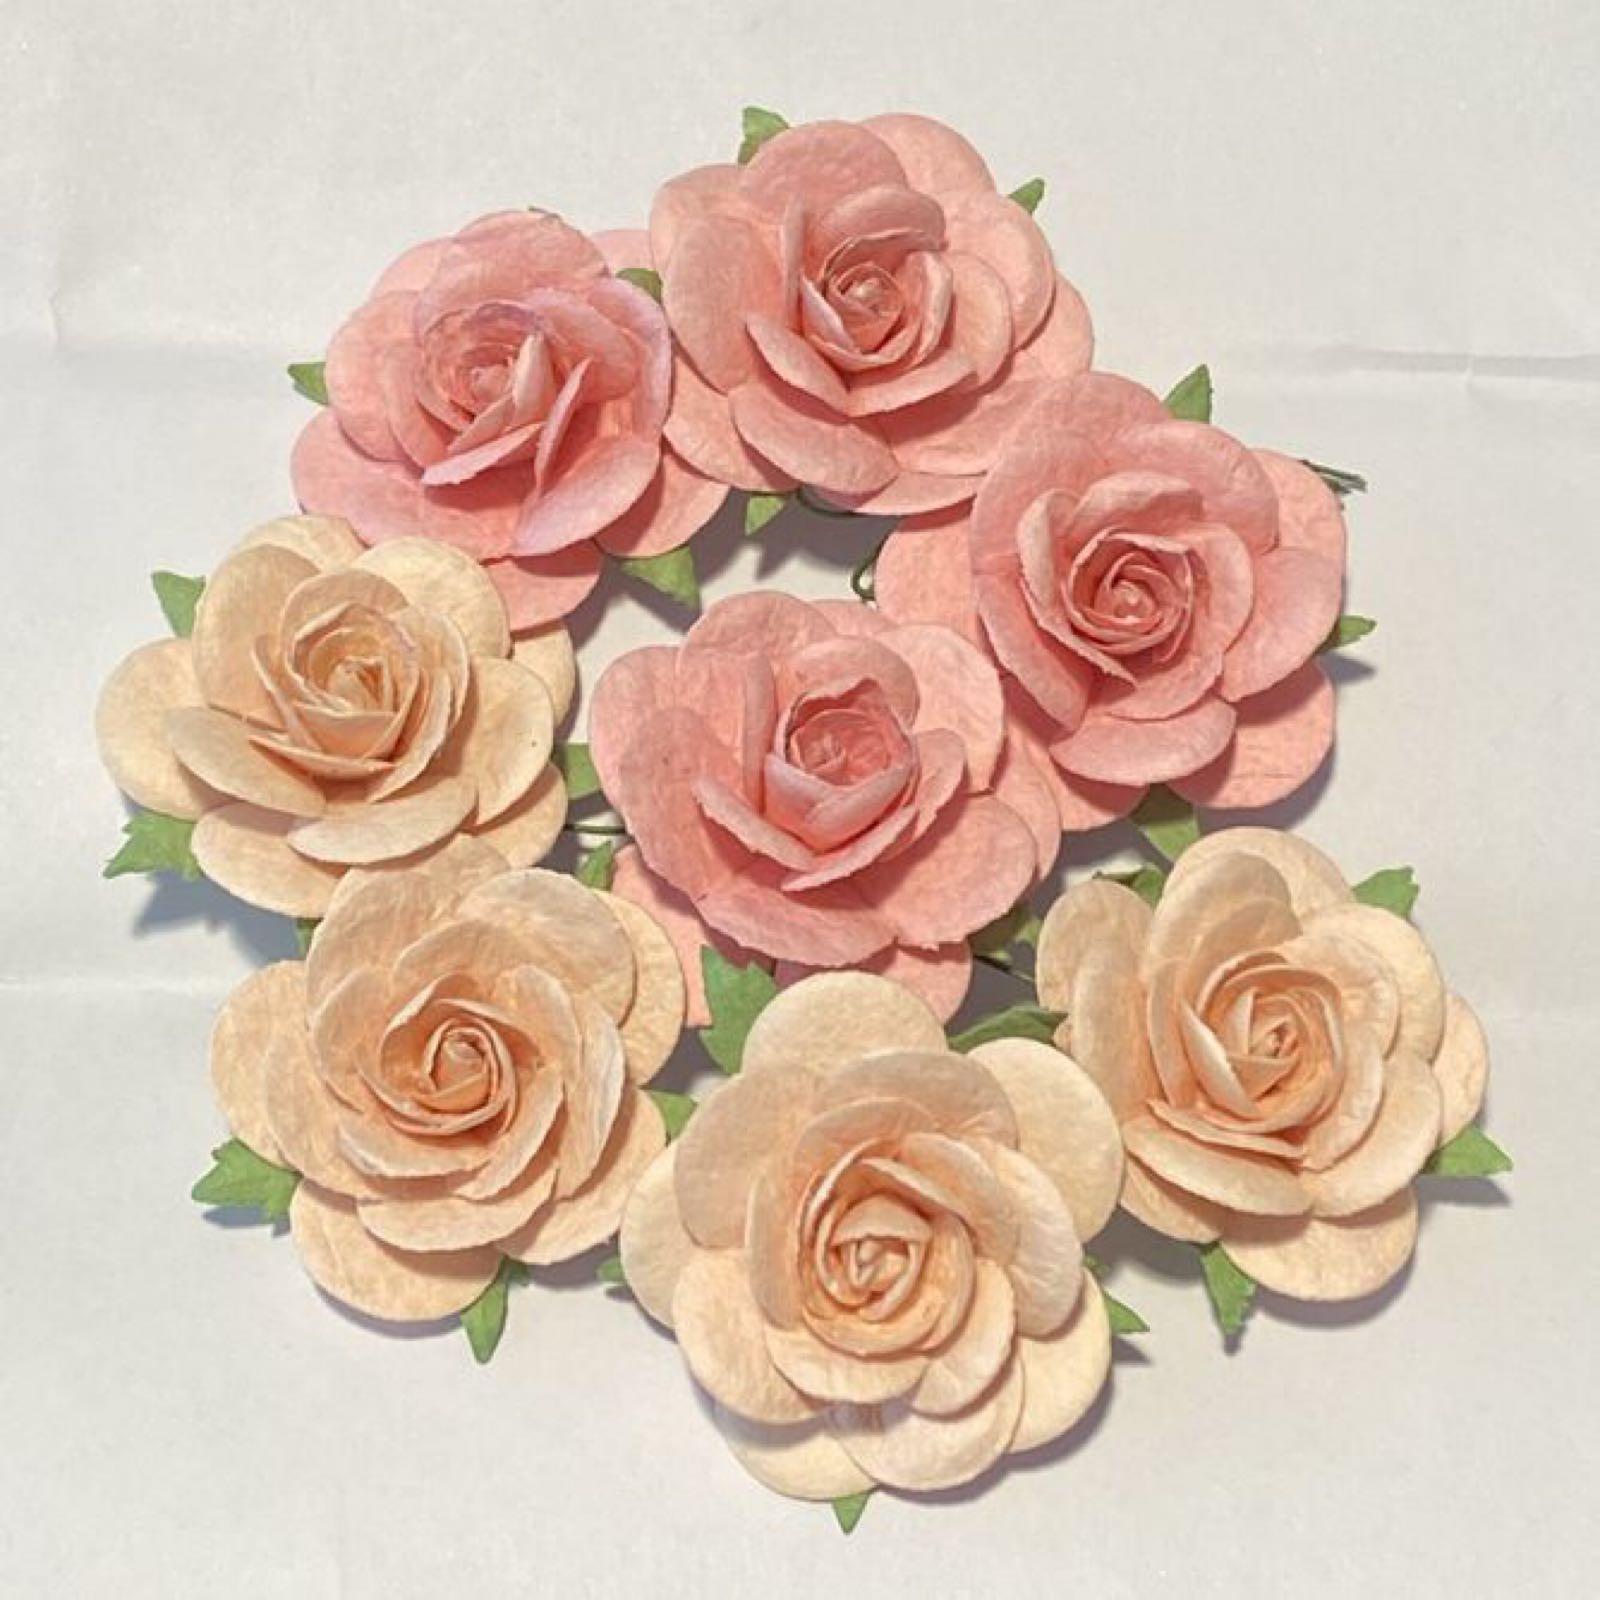 Papirdesign blomster, roser, lyse-rosa/rosa, 3,5cm. 8 stk pr.pk.